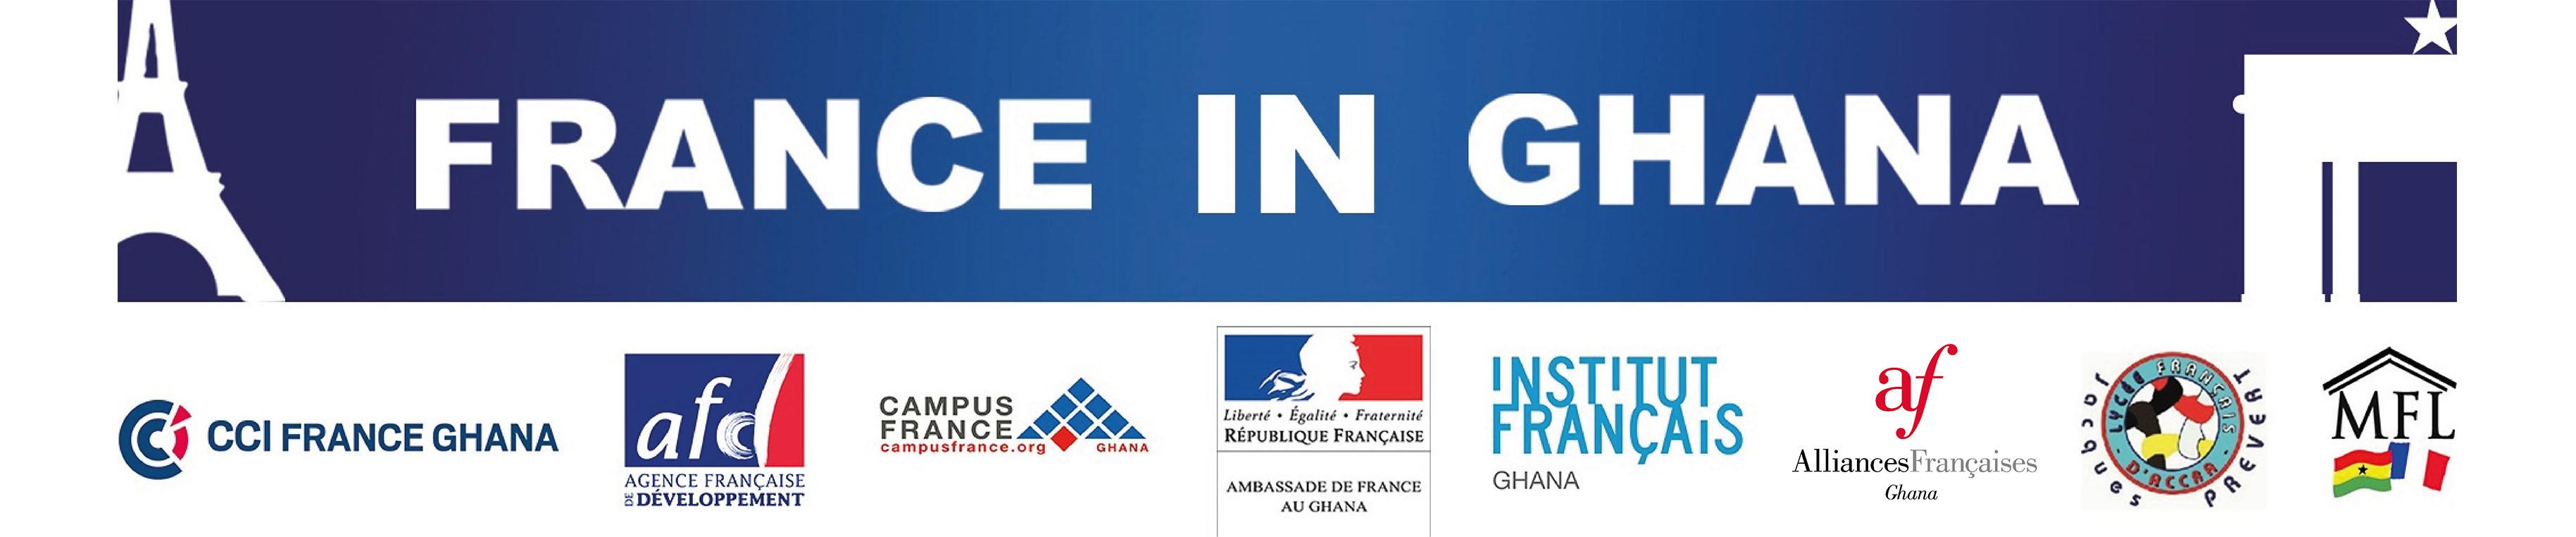 France-in-ghana-Website-Banner